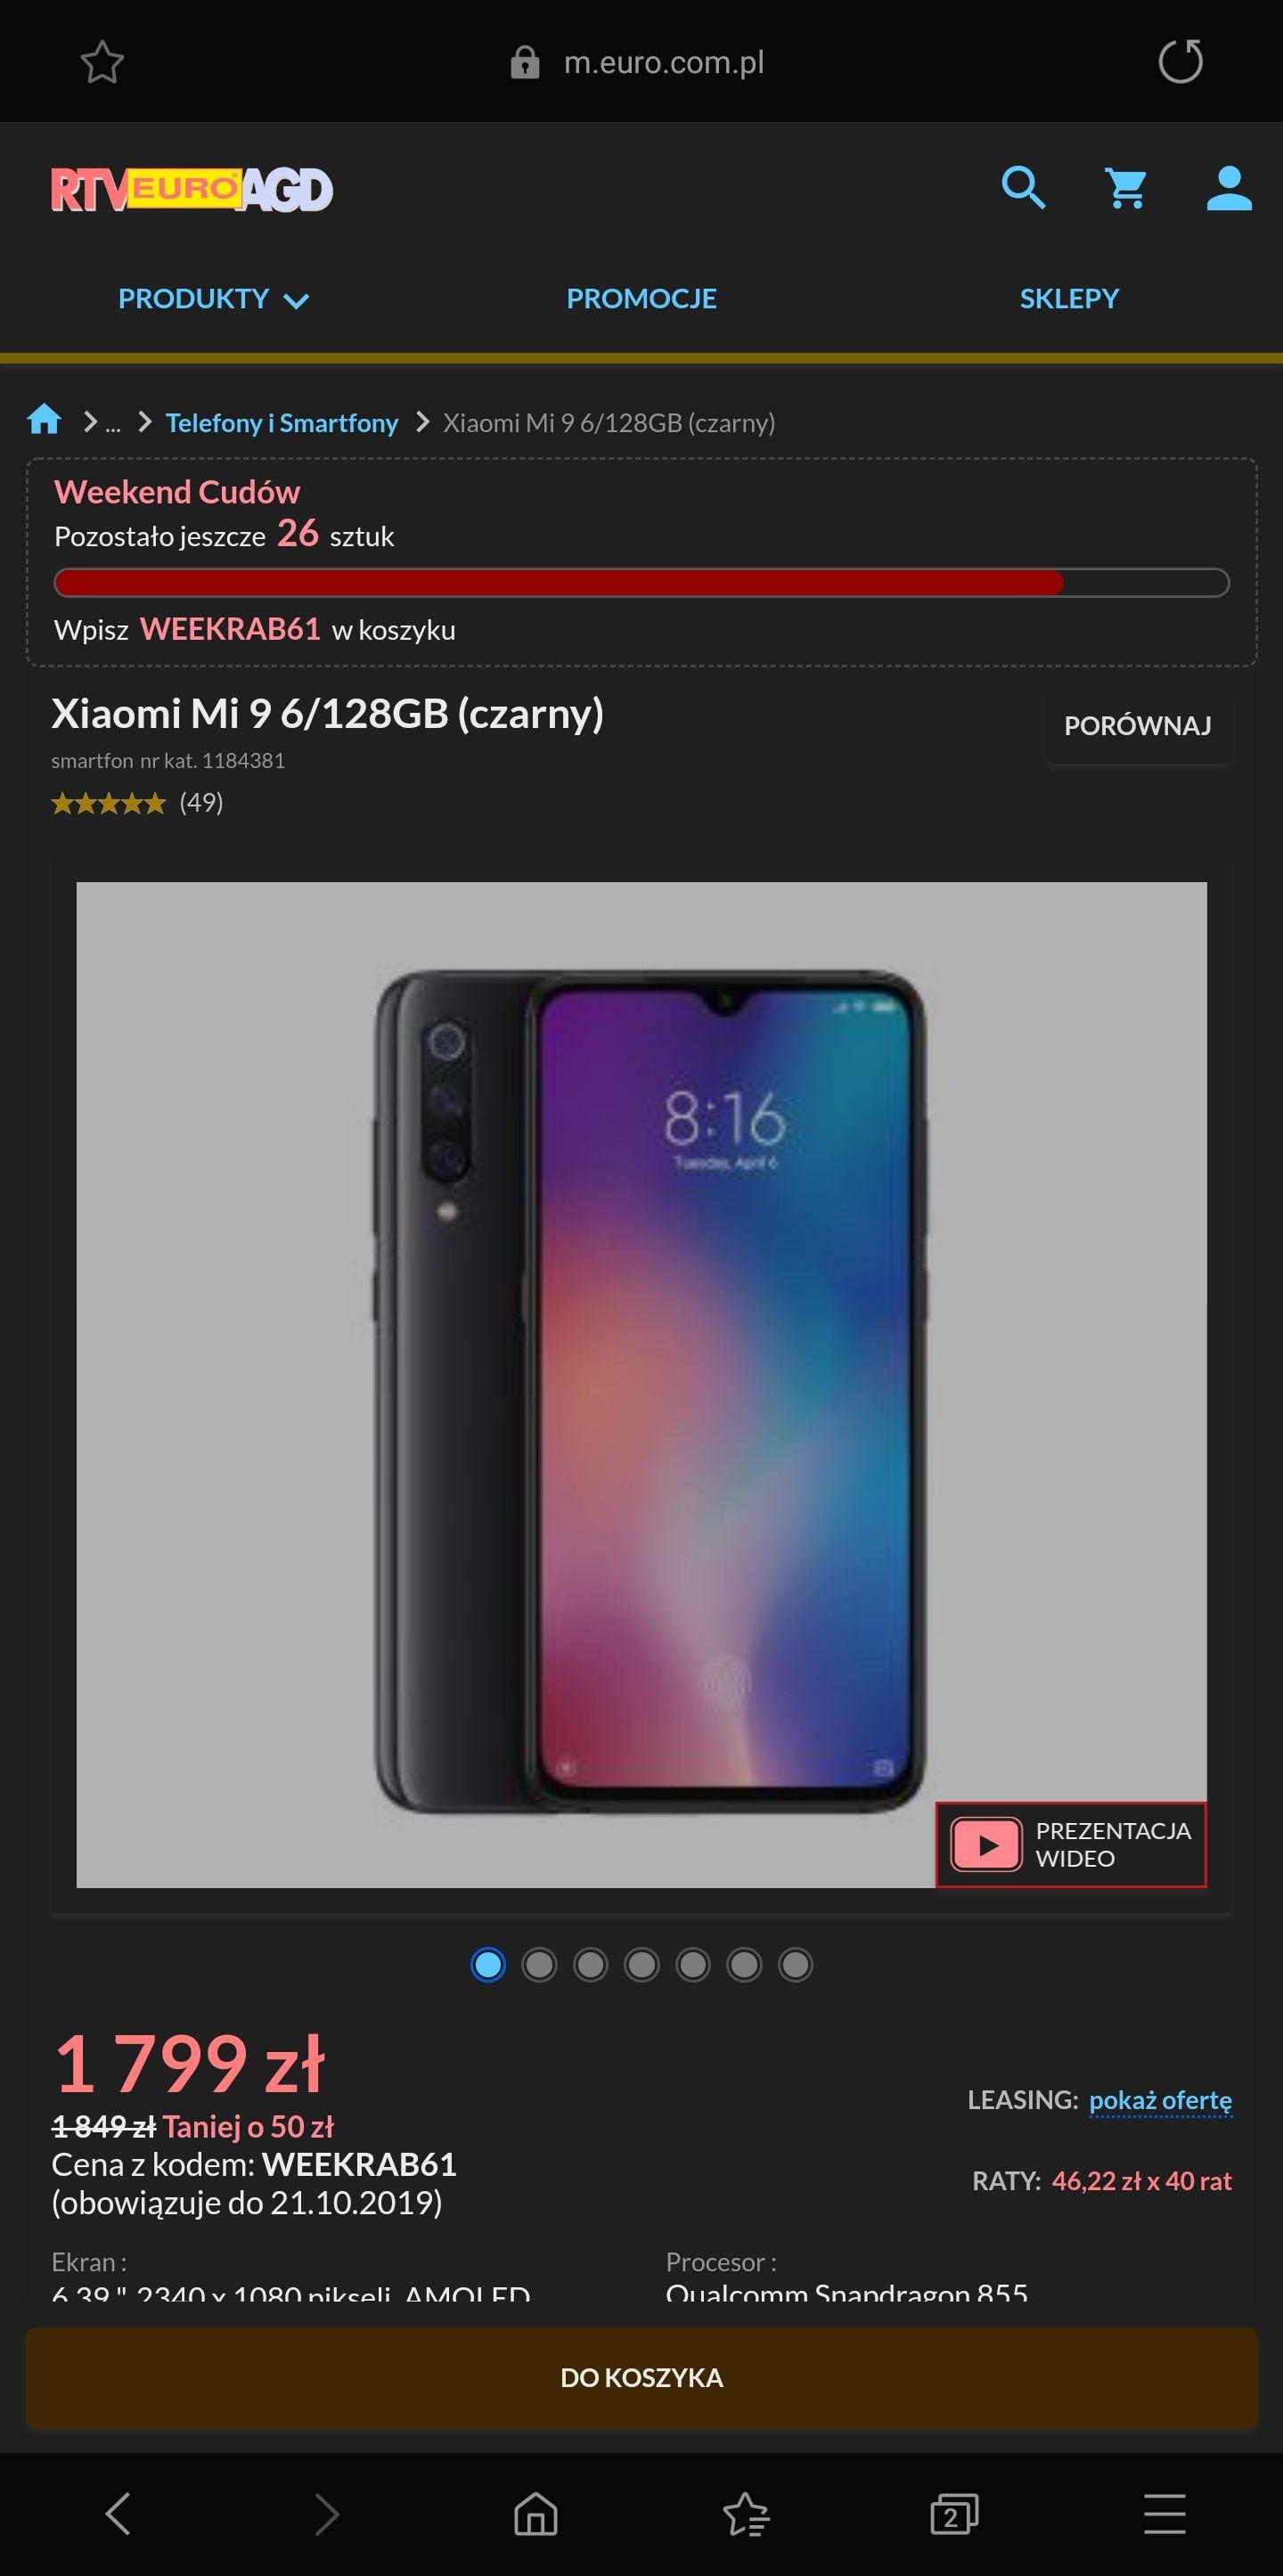 Xiaomi Mi 9 6/128GB (czarny) w sklepie fizycznym